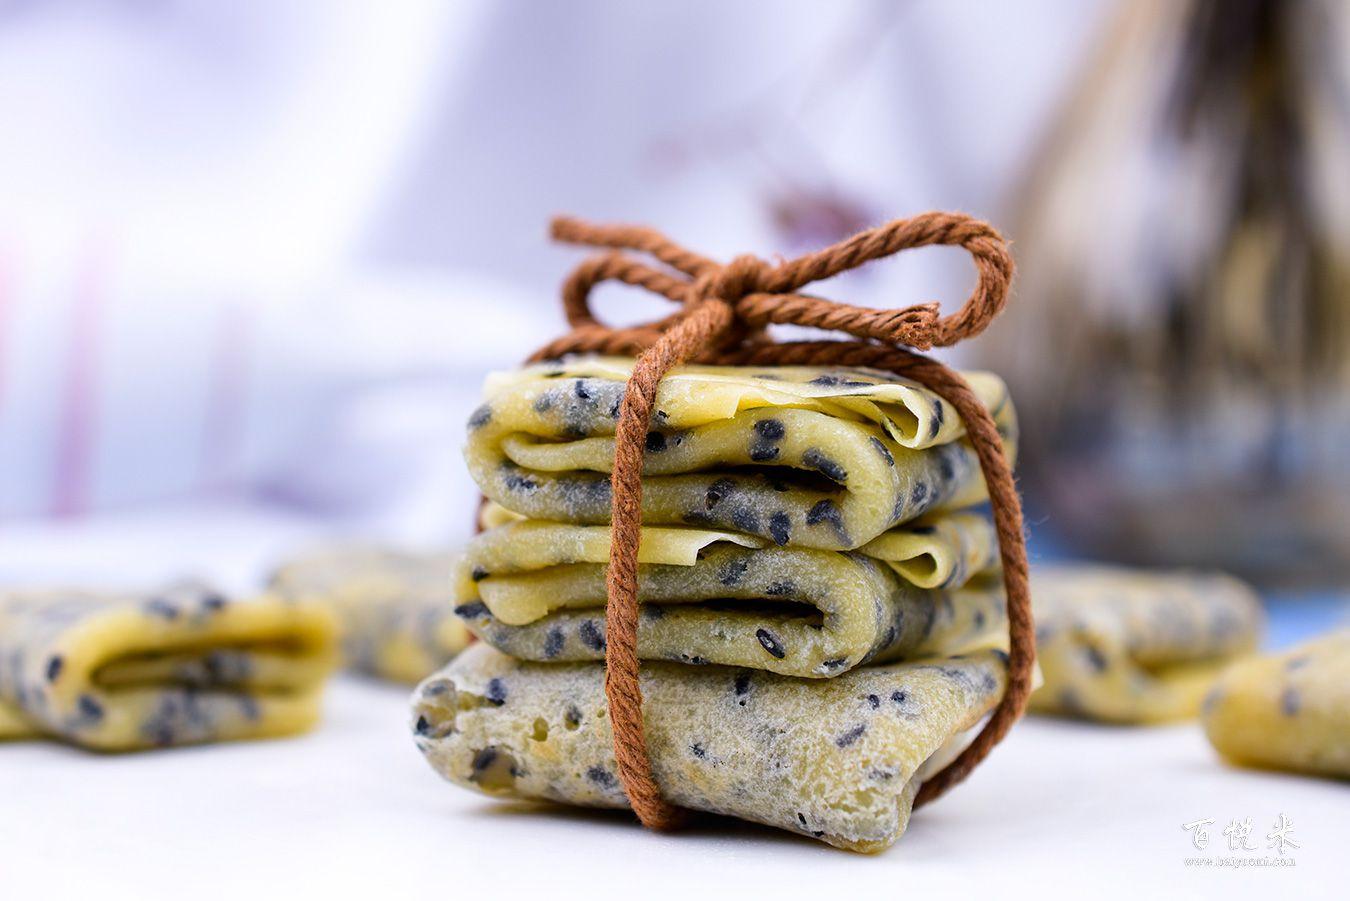 芝麻方块高清图片大全【蛋糕图片】_979